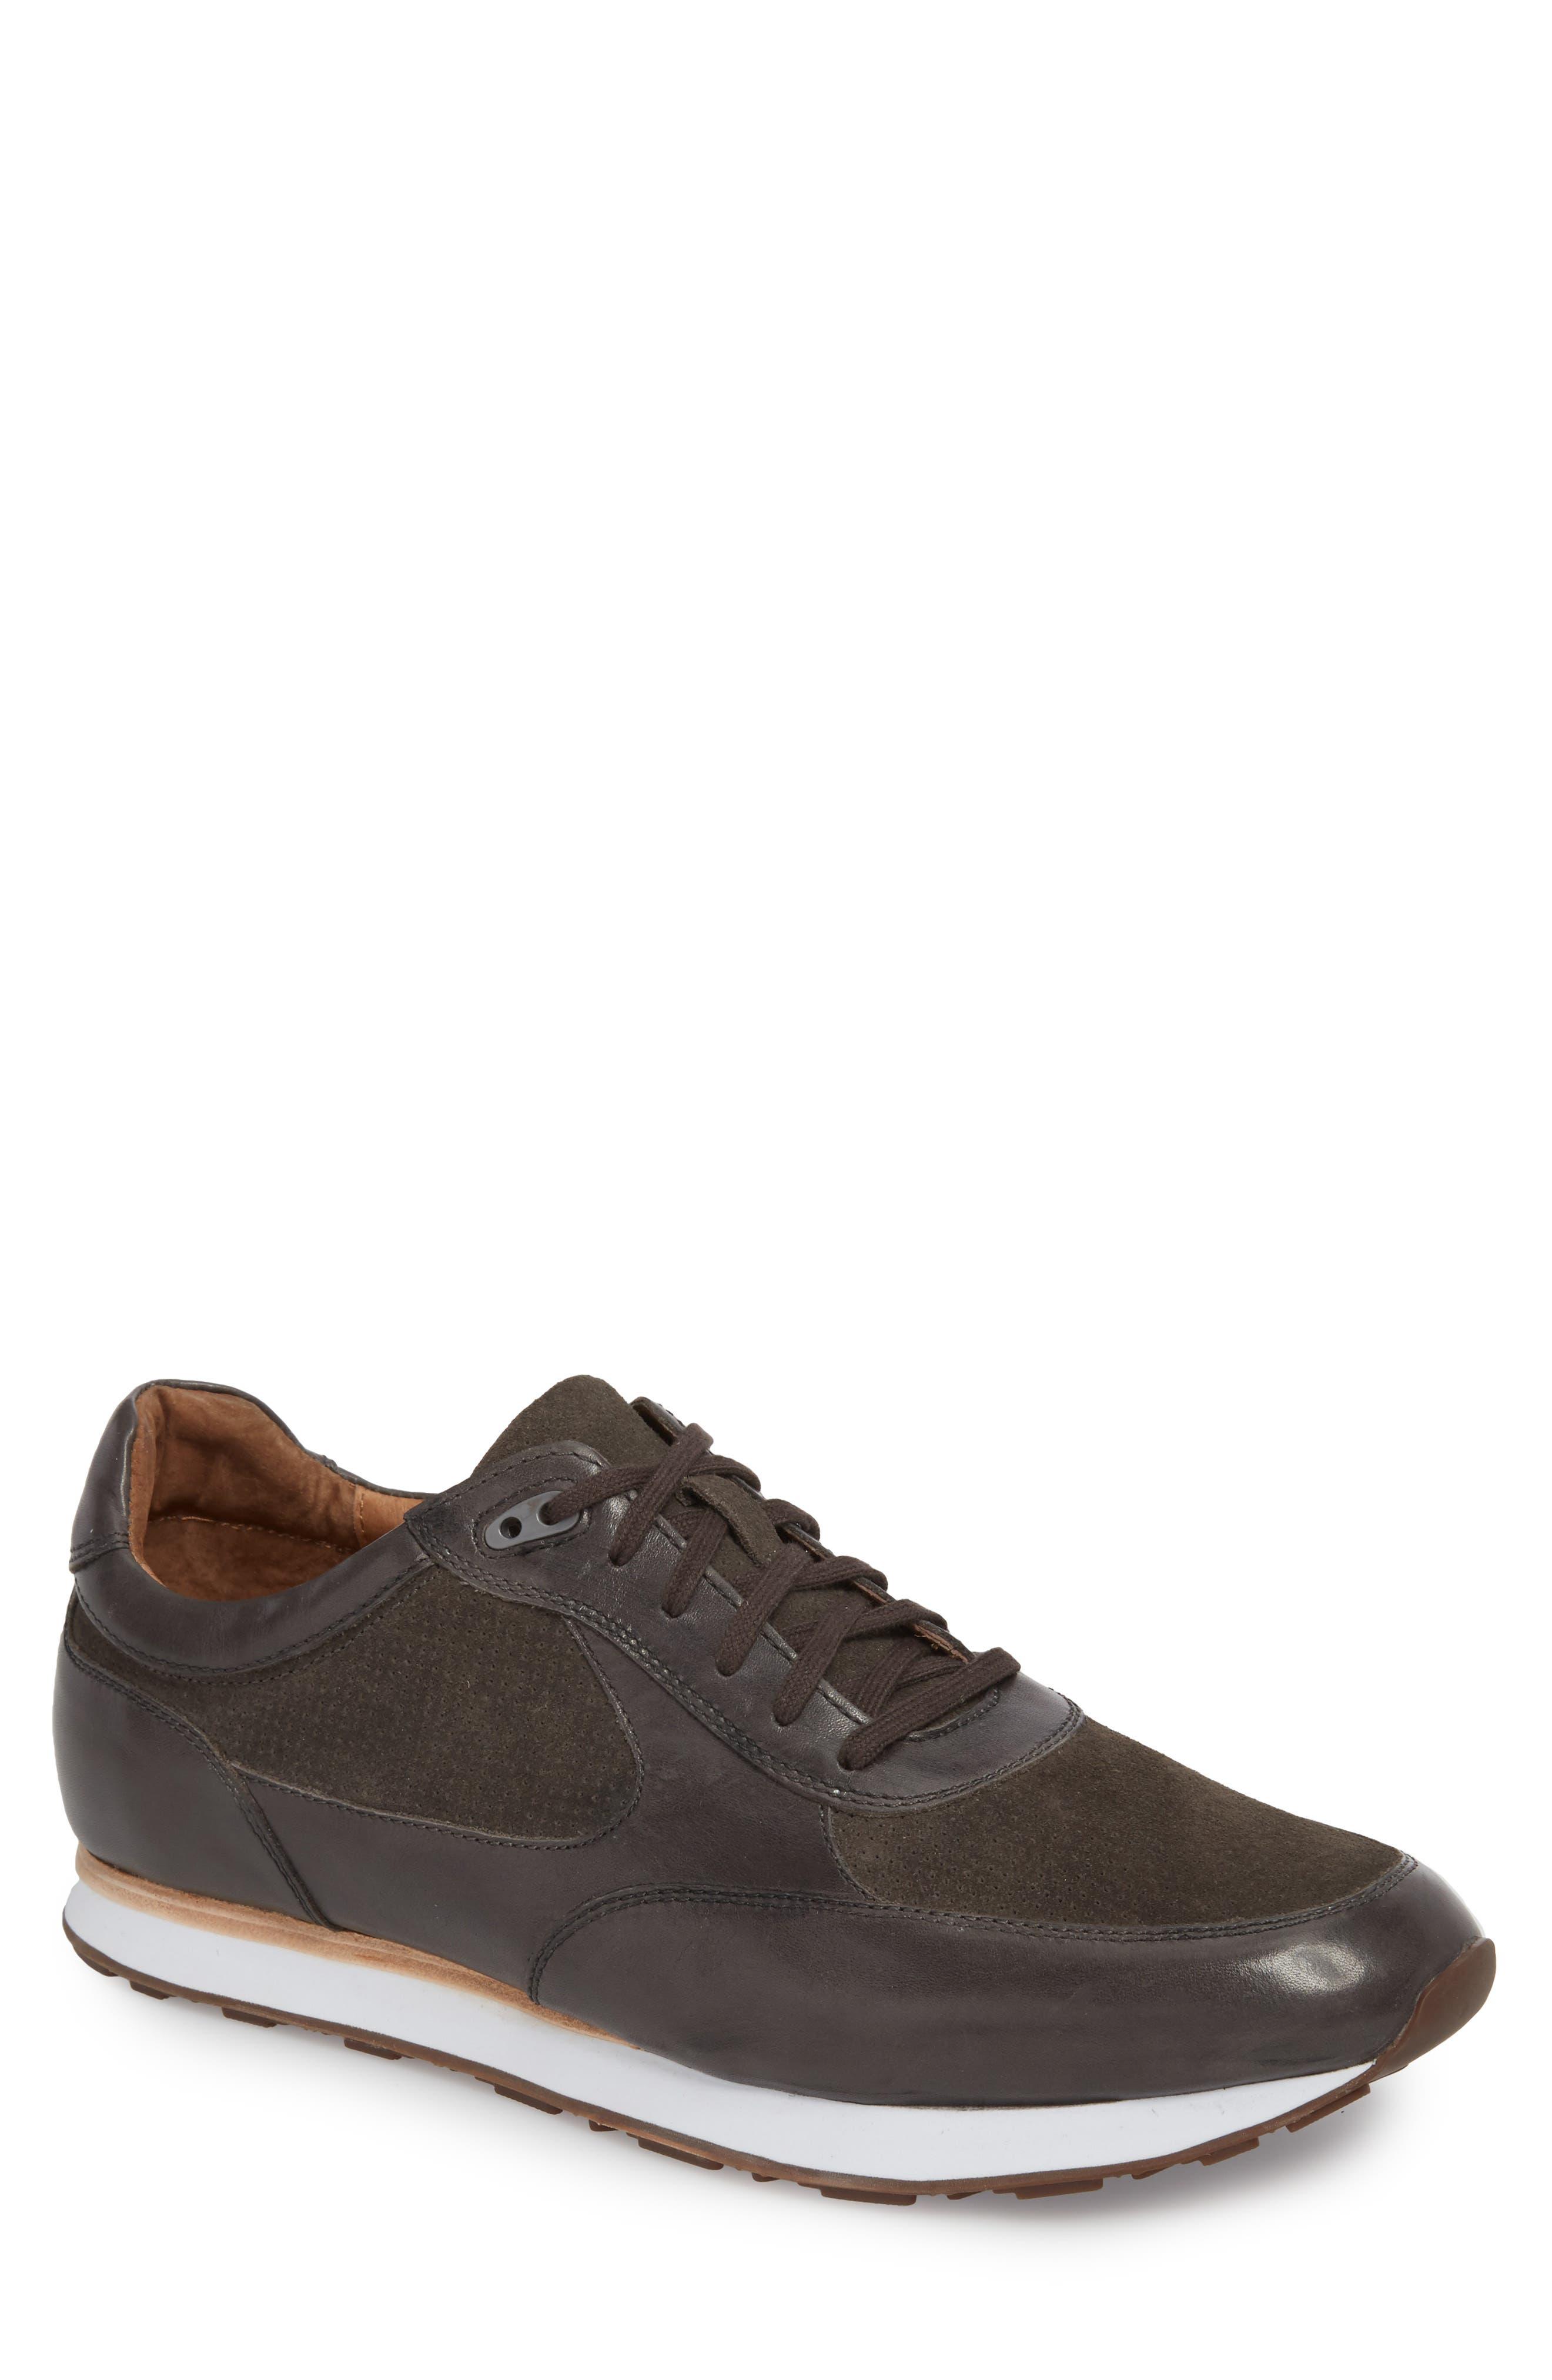 Malek Low Top Sneaker,                         Main,                         color, 020